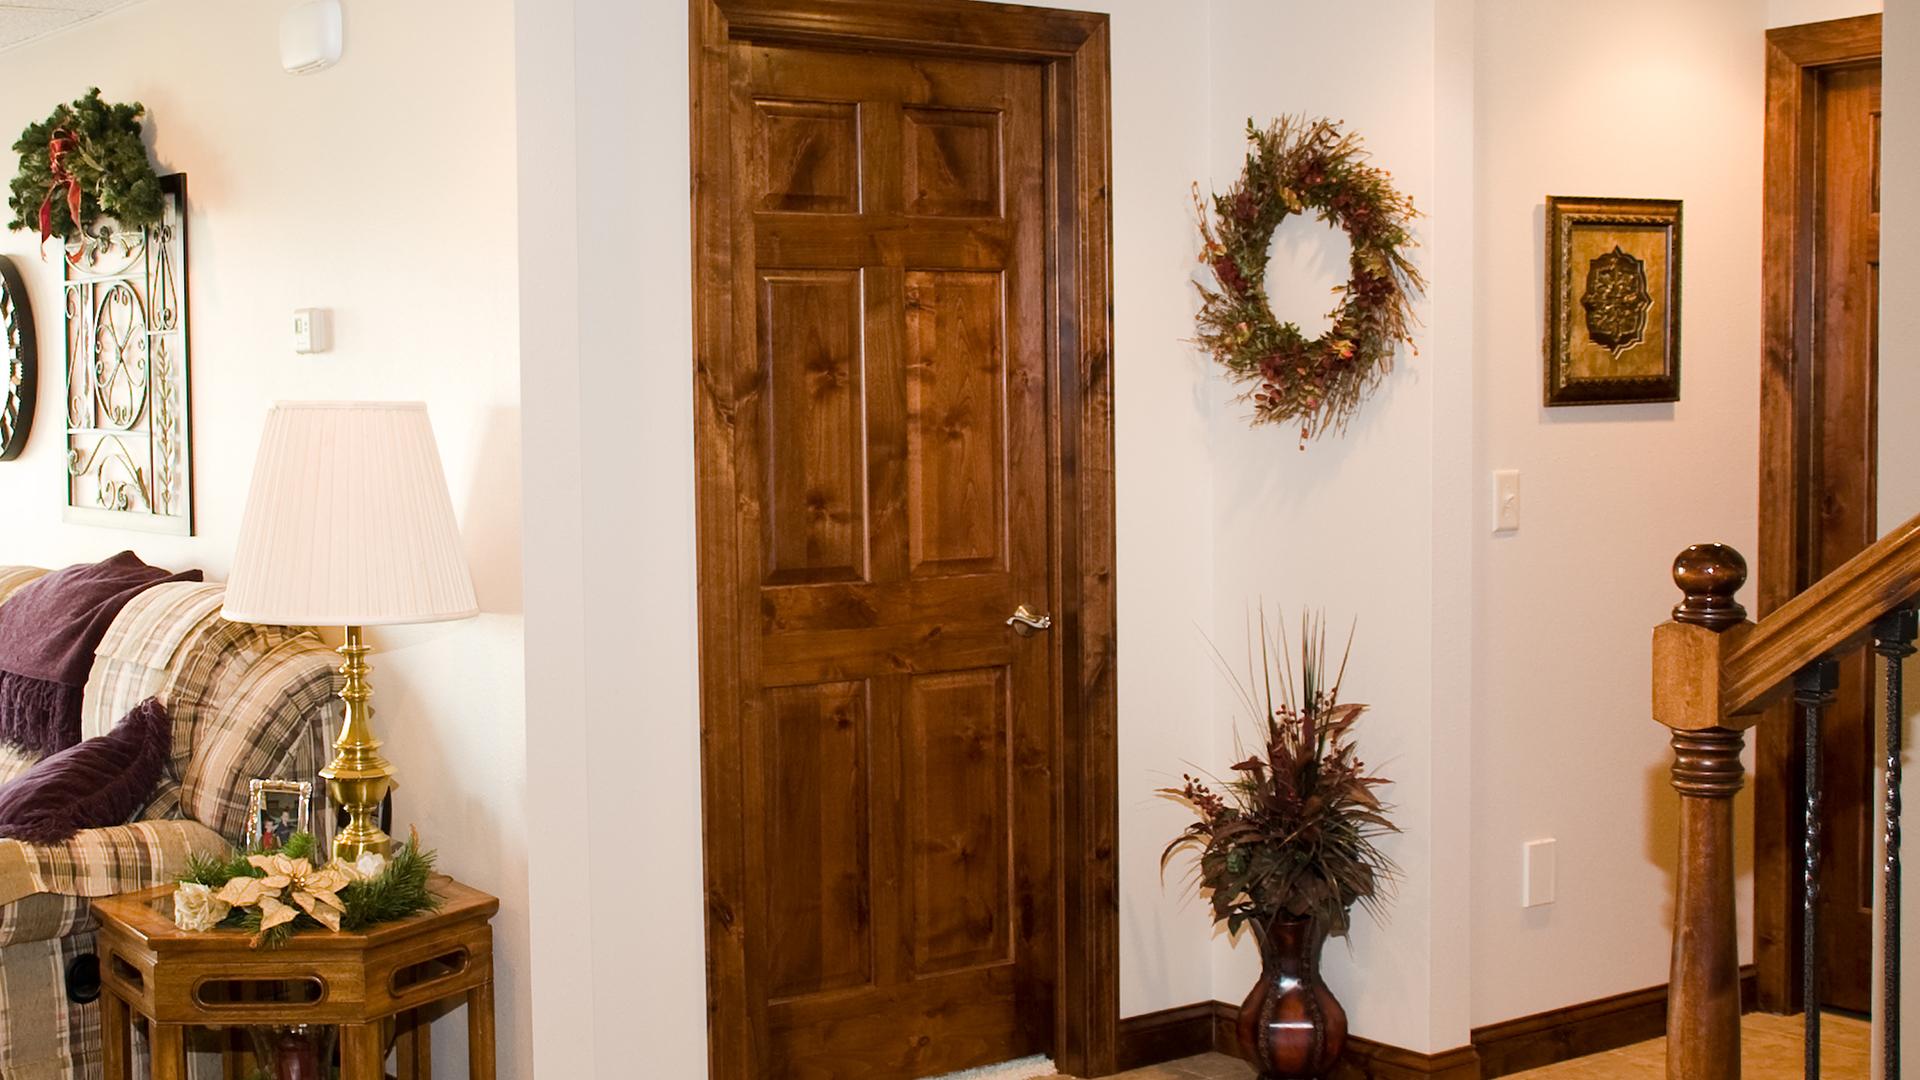 kal lincdor swiss home llc markerboard alder interior products doors door heritage